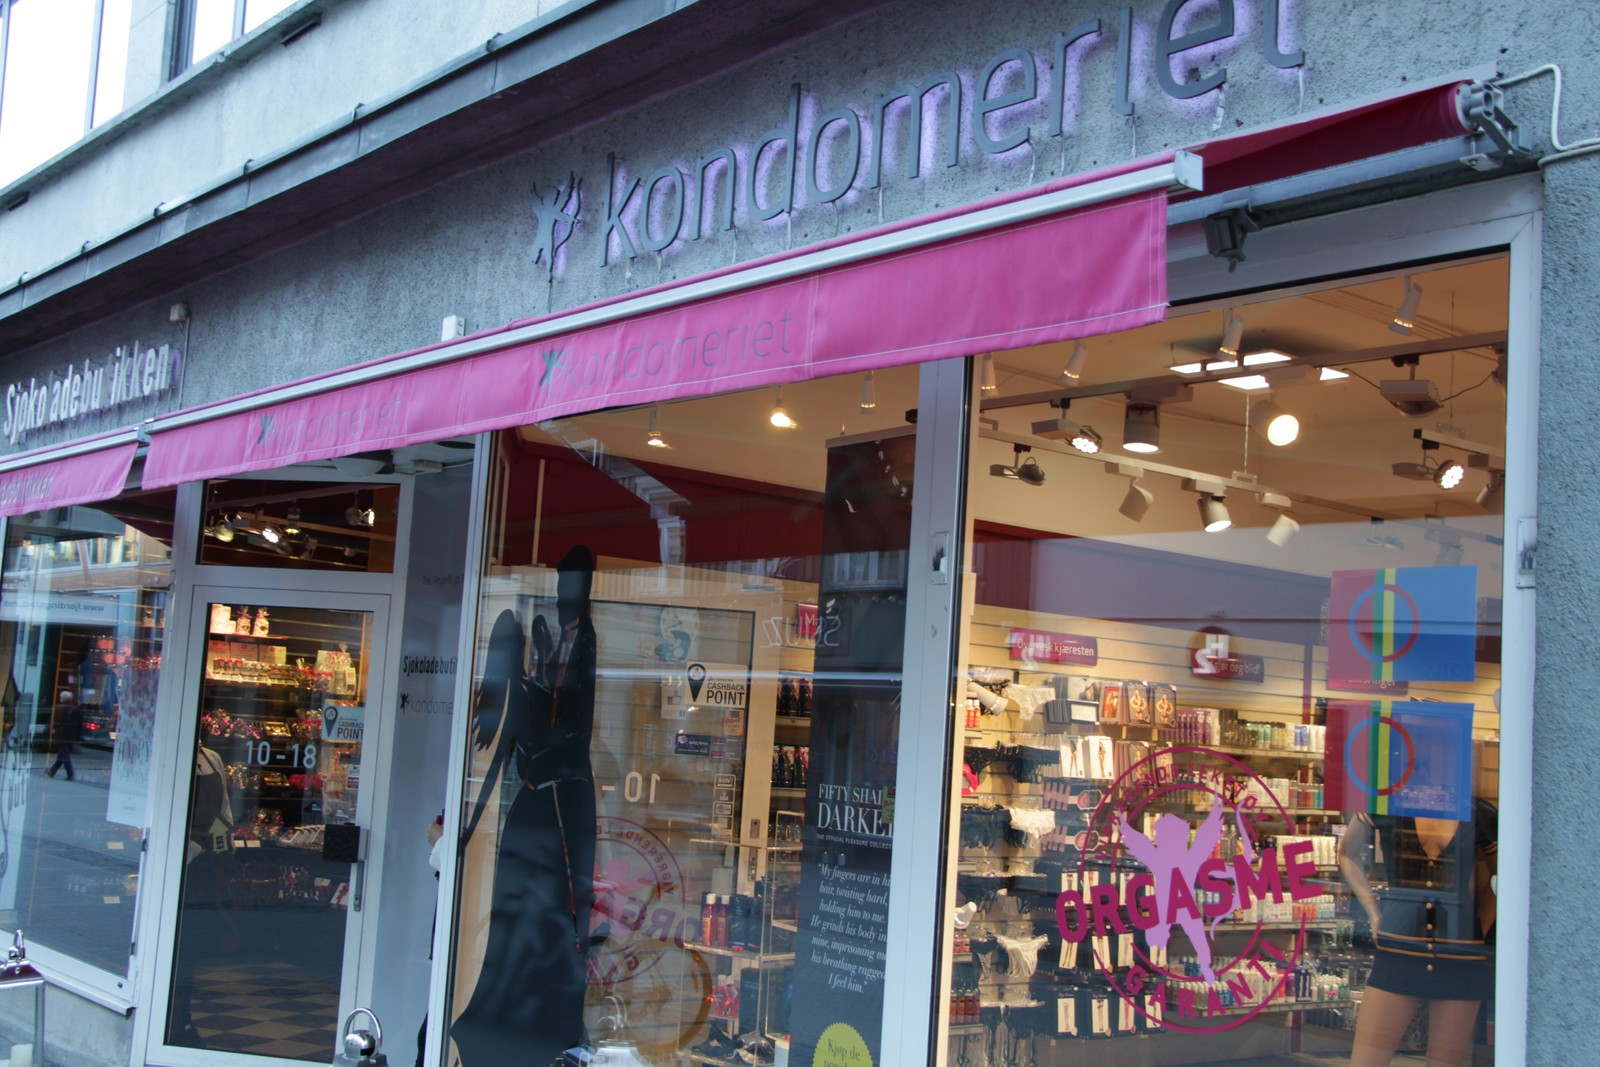 Til og med Kondomeriet har sett det hensiktsmessig å pynte butikken med samiske flagg i anledning Tråante 2017.